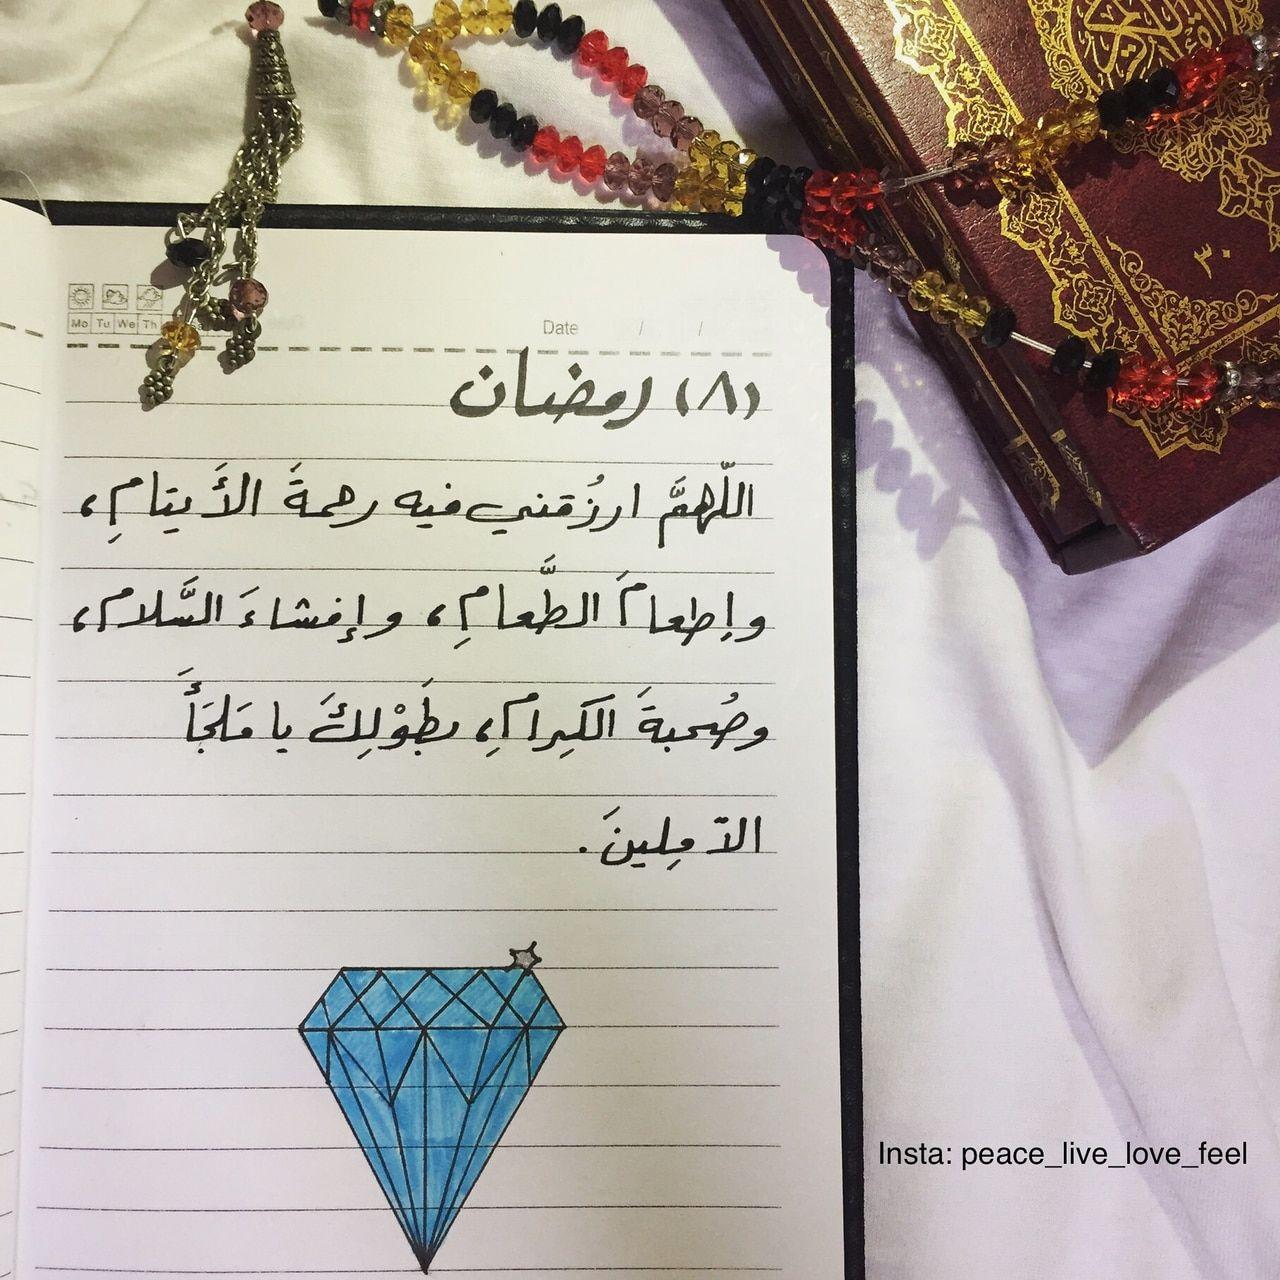 دعاء رمضان رسم رمضان رمزيات رمضان كريم دعاء اقتباس انستقرام عربي رمضانيات تصويري تصاميم تمبلر اسلام صور Ramadan Day Ramadan Cards Ramadan Quotes